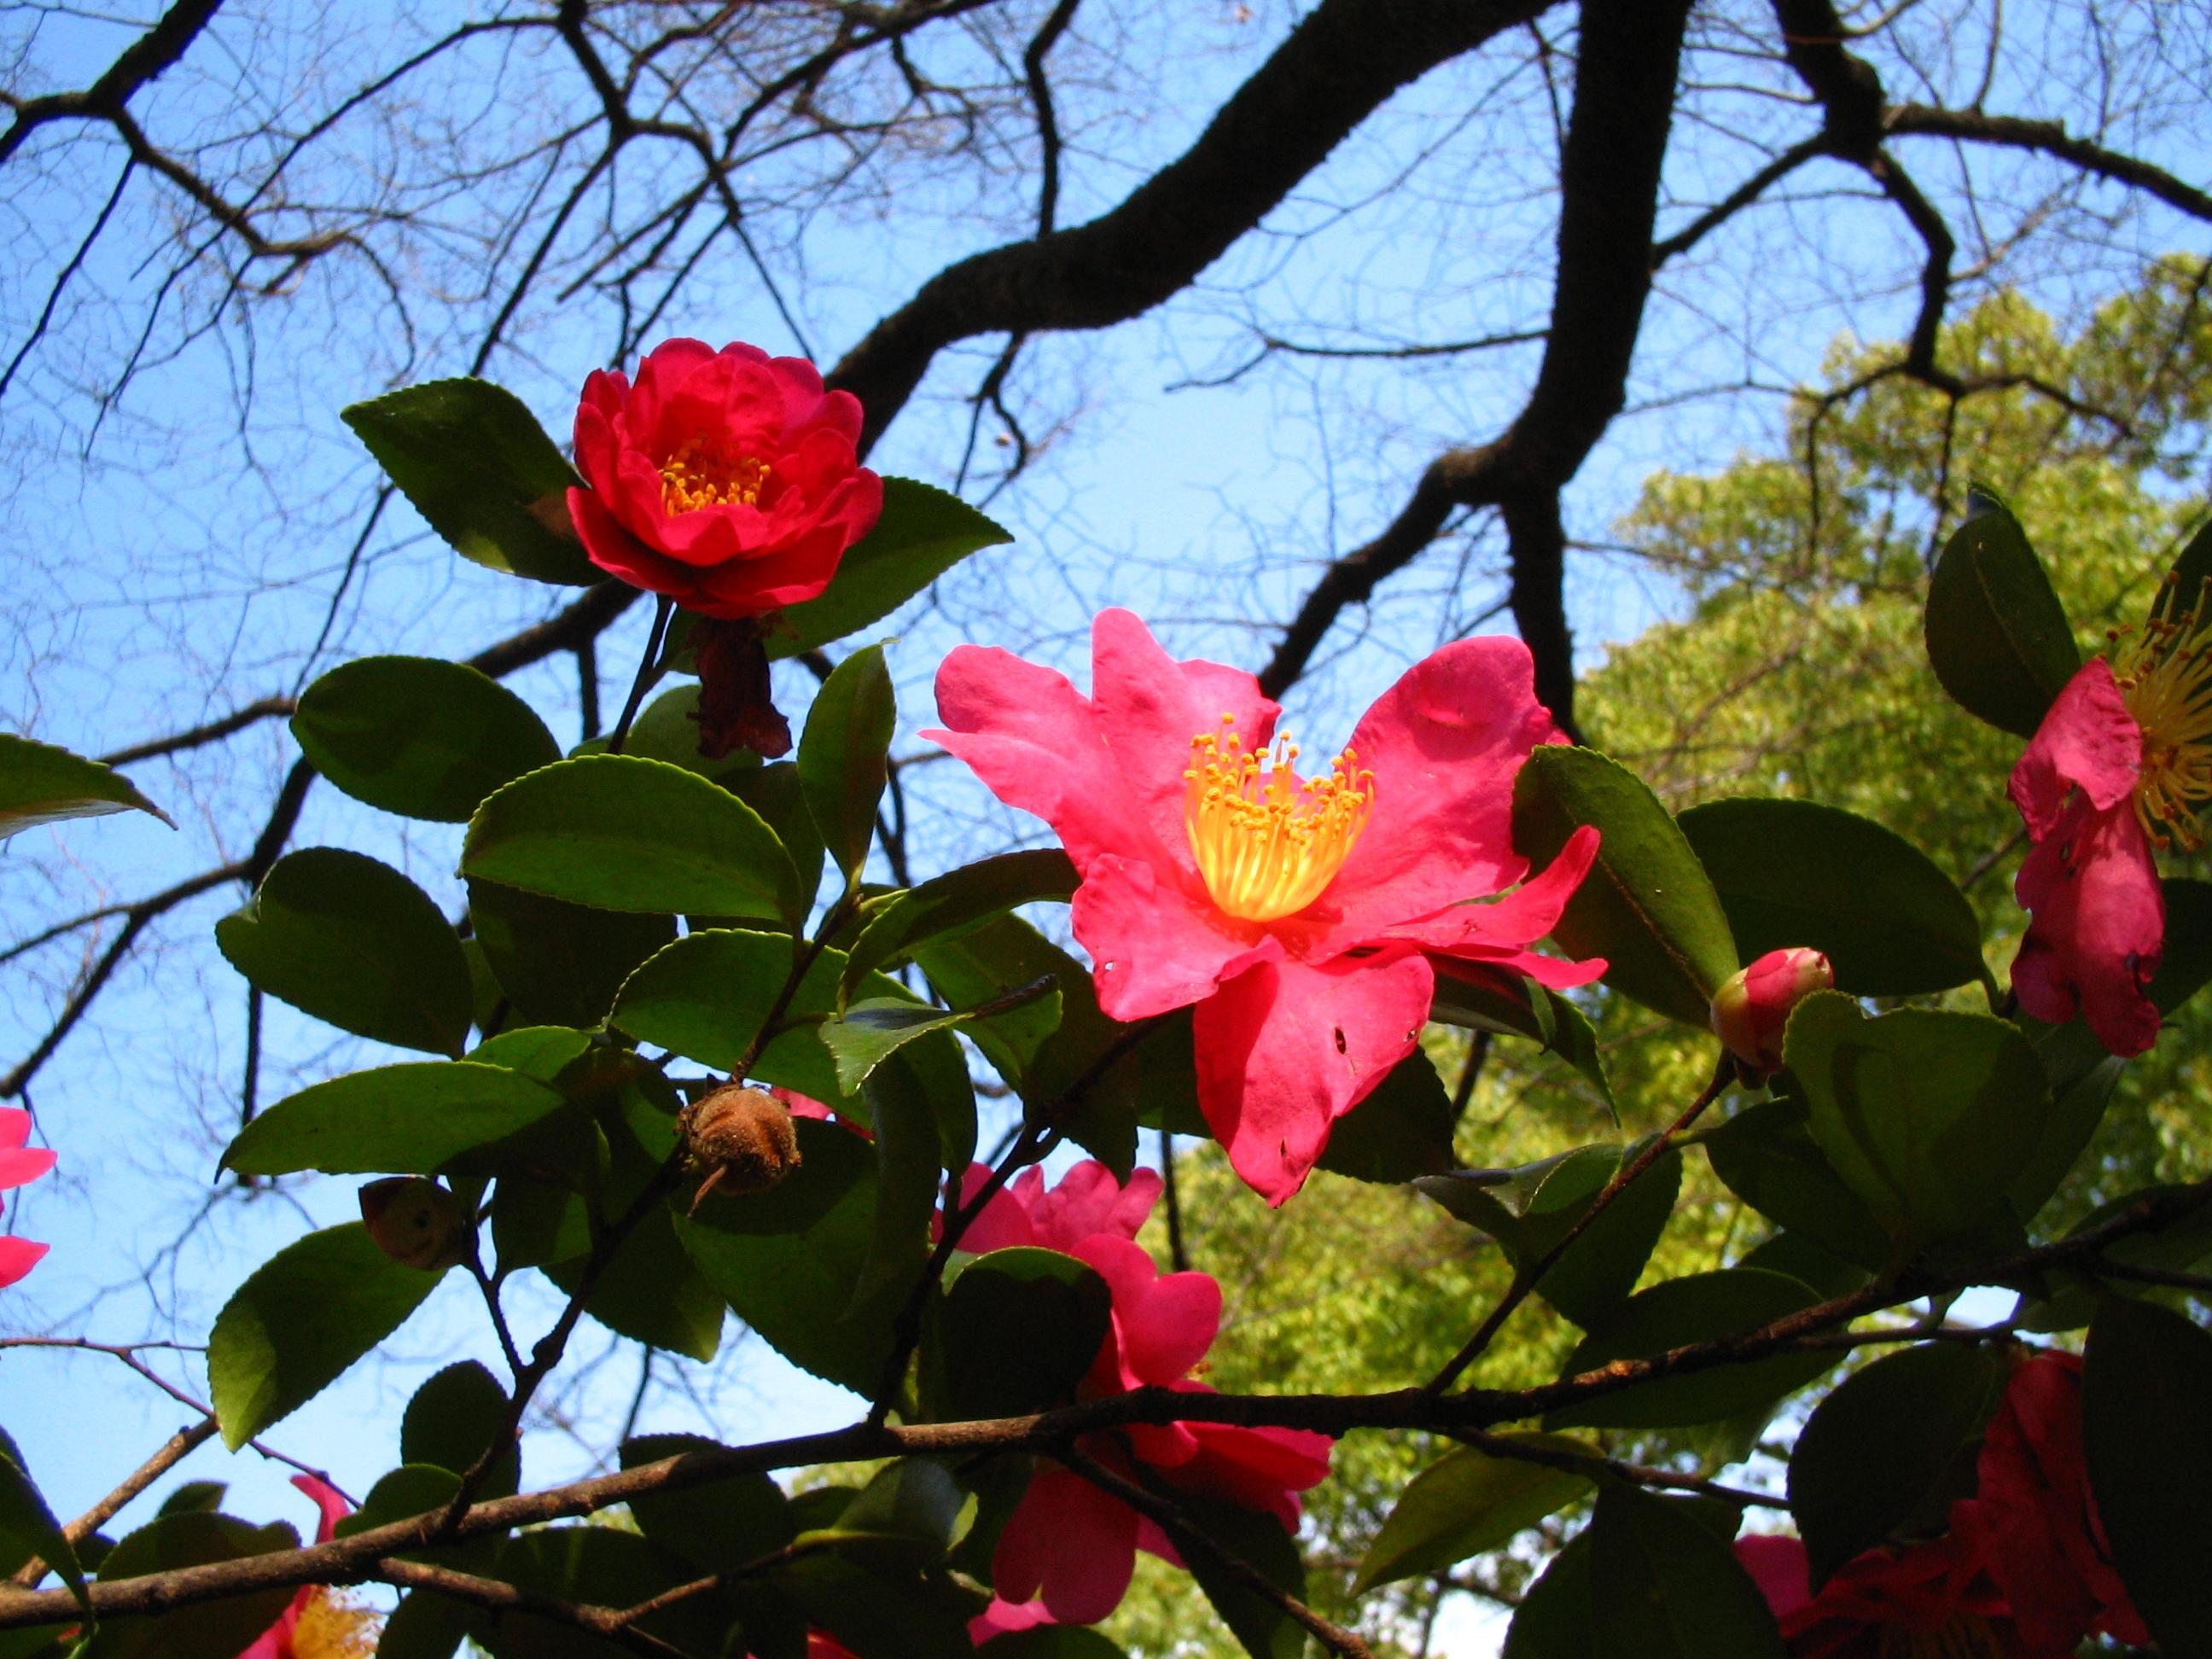 植物図鑑 写真:山茶花ー赤  2009年12月26日大阪城公園にて ツバキ目 ツバキ科 ツバキ属